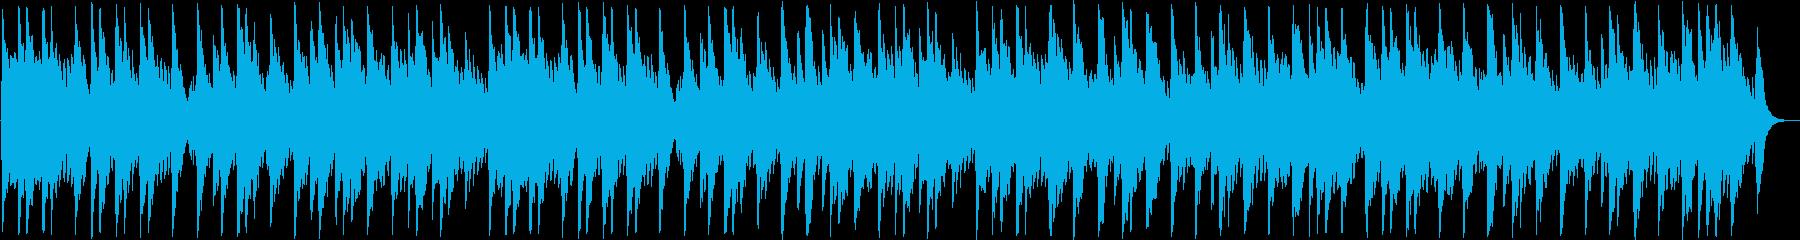 アルハンブラの想い出 / タルレガの再生済みの波形